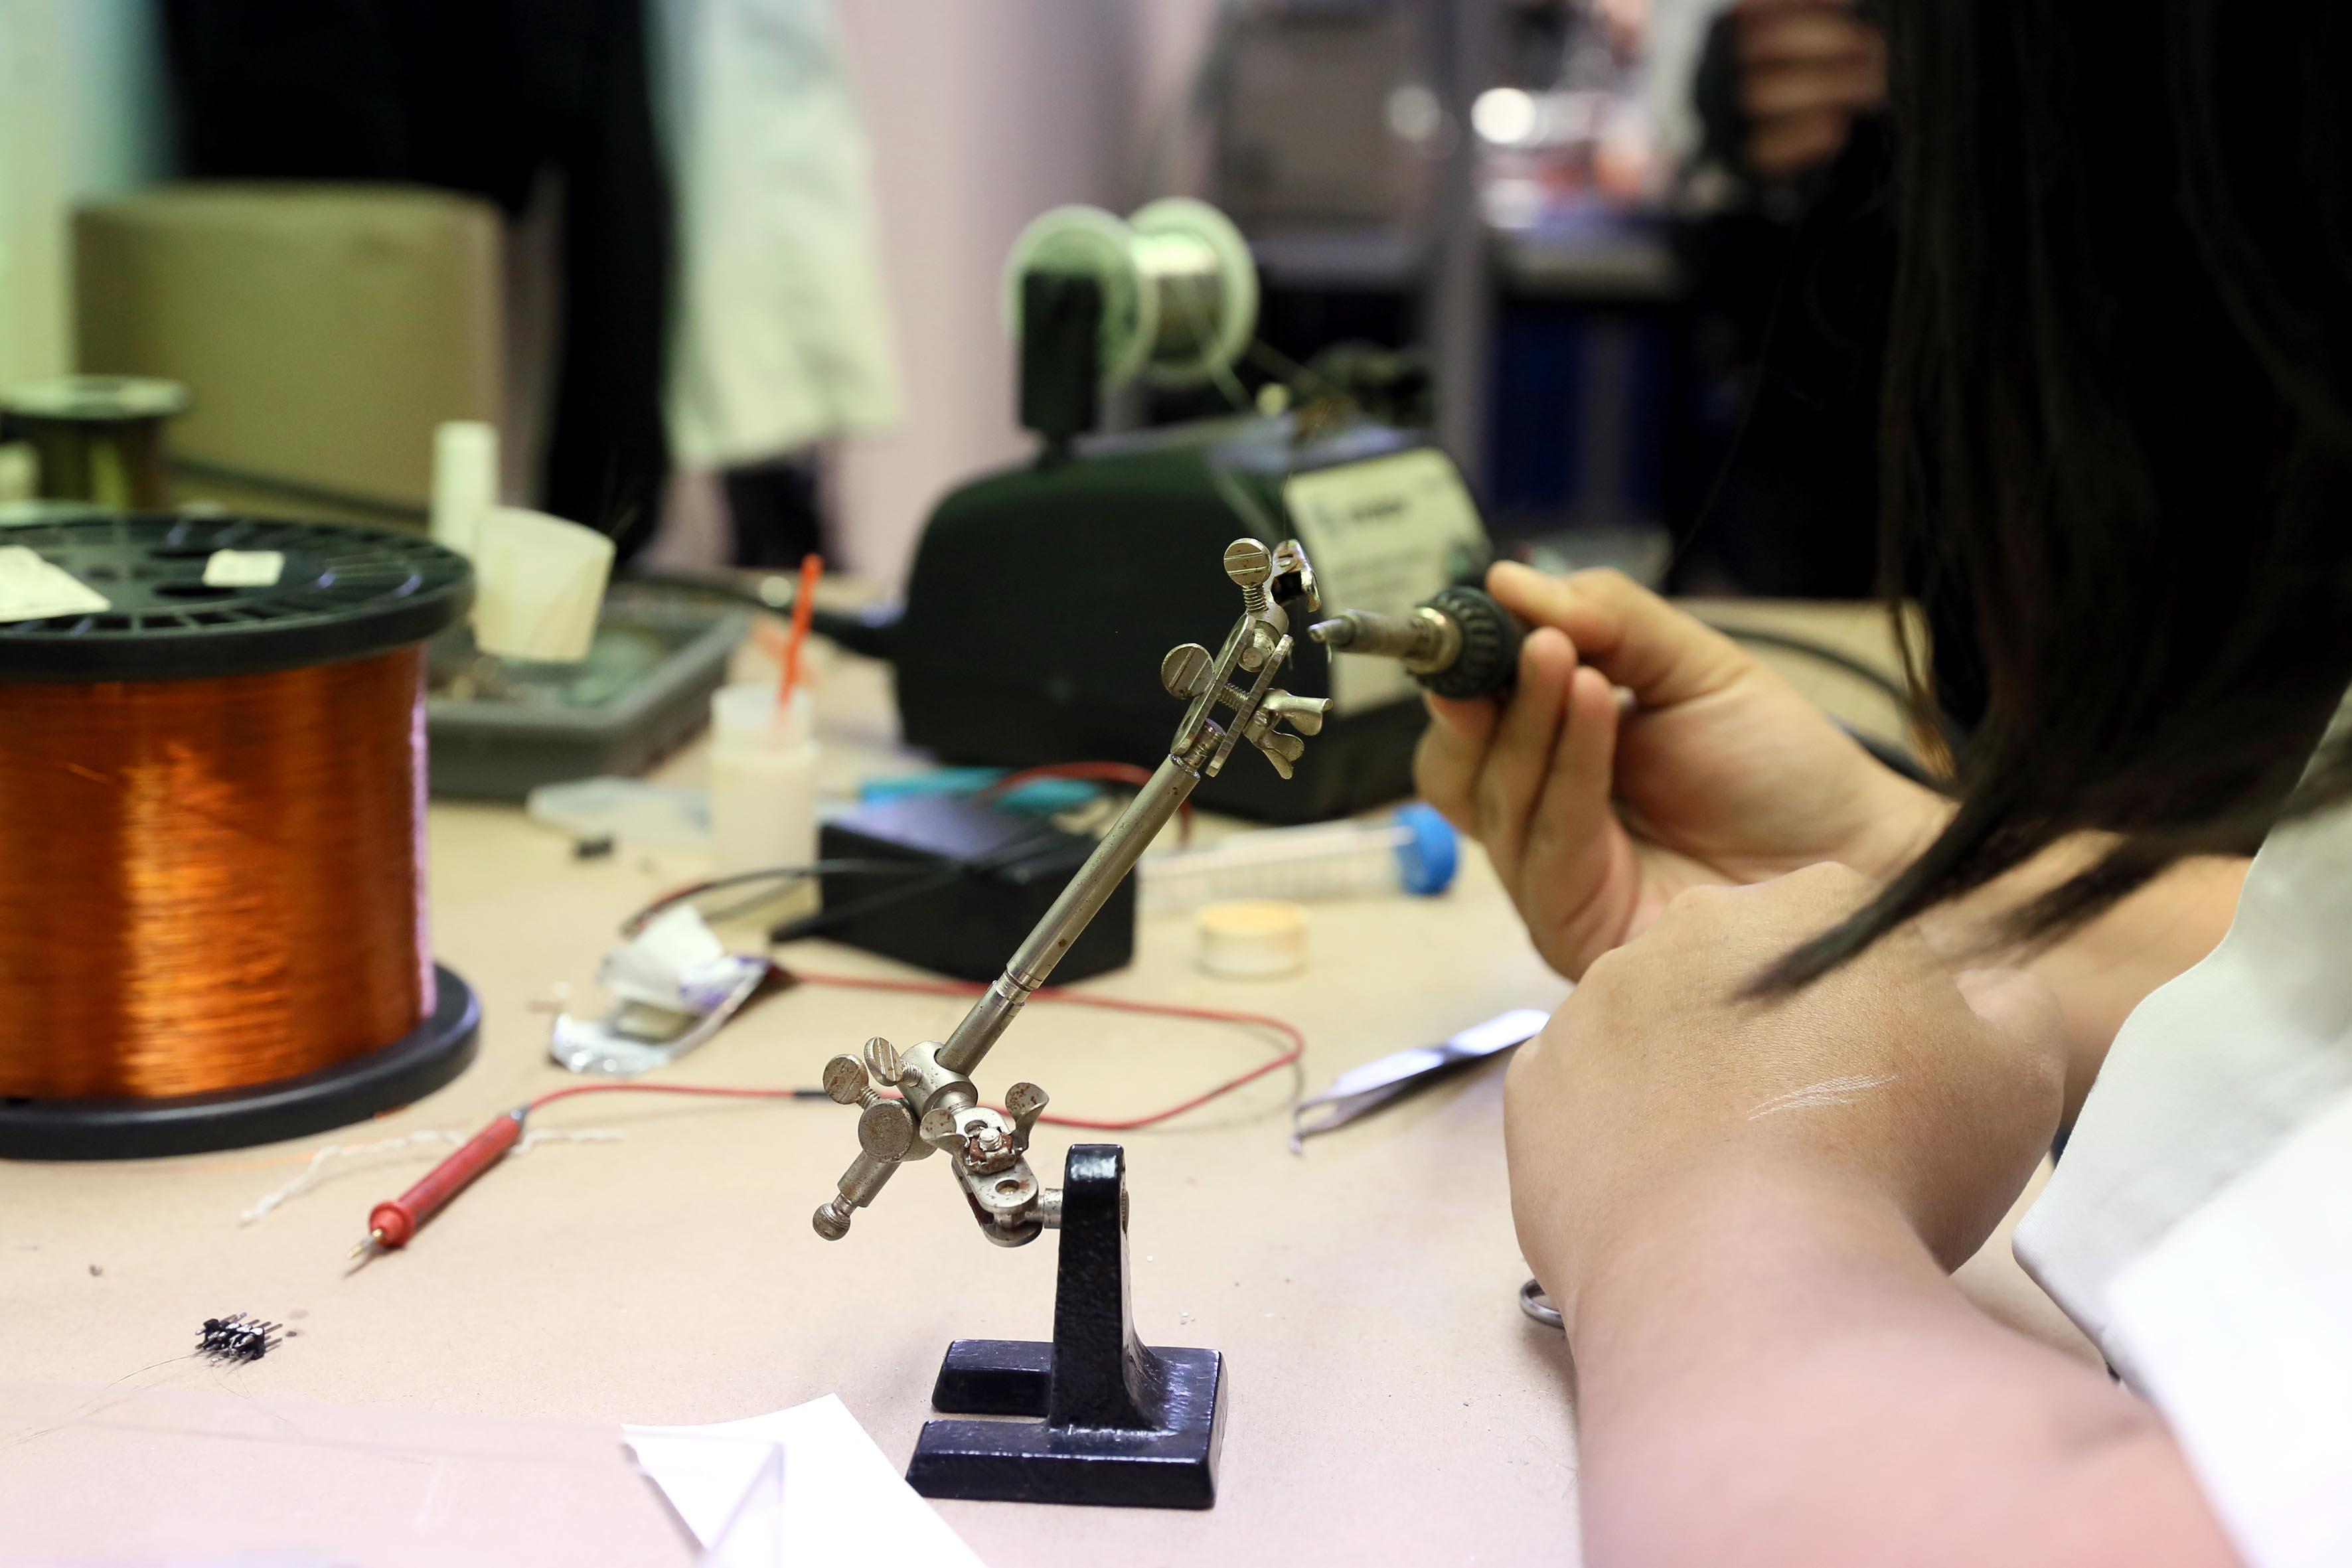 Investigadora maniobrando equipo eléctrico para pruebas de laboratorio.